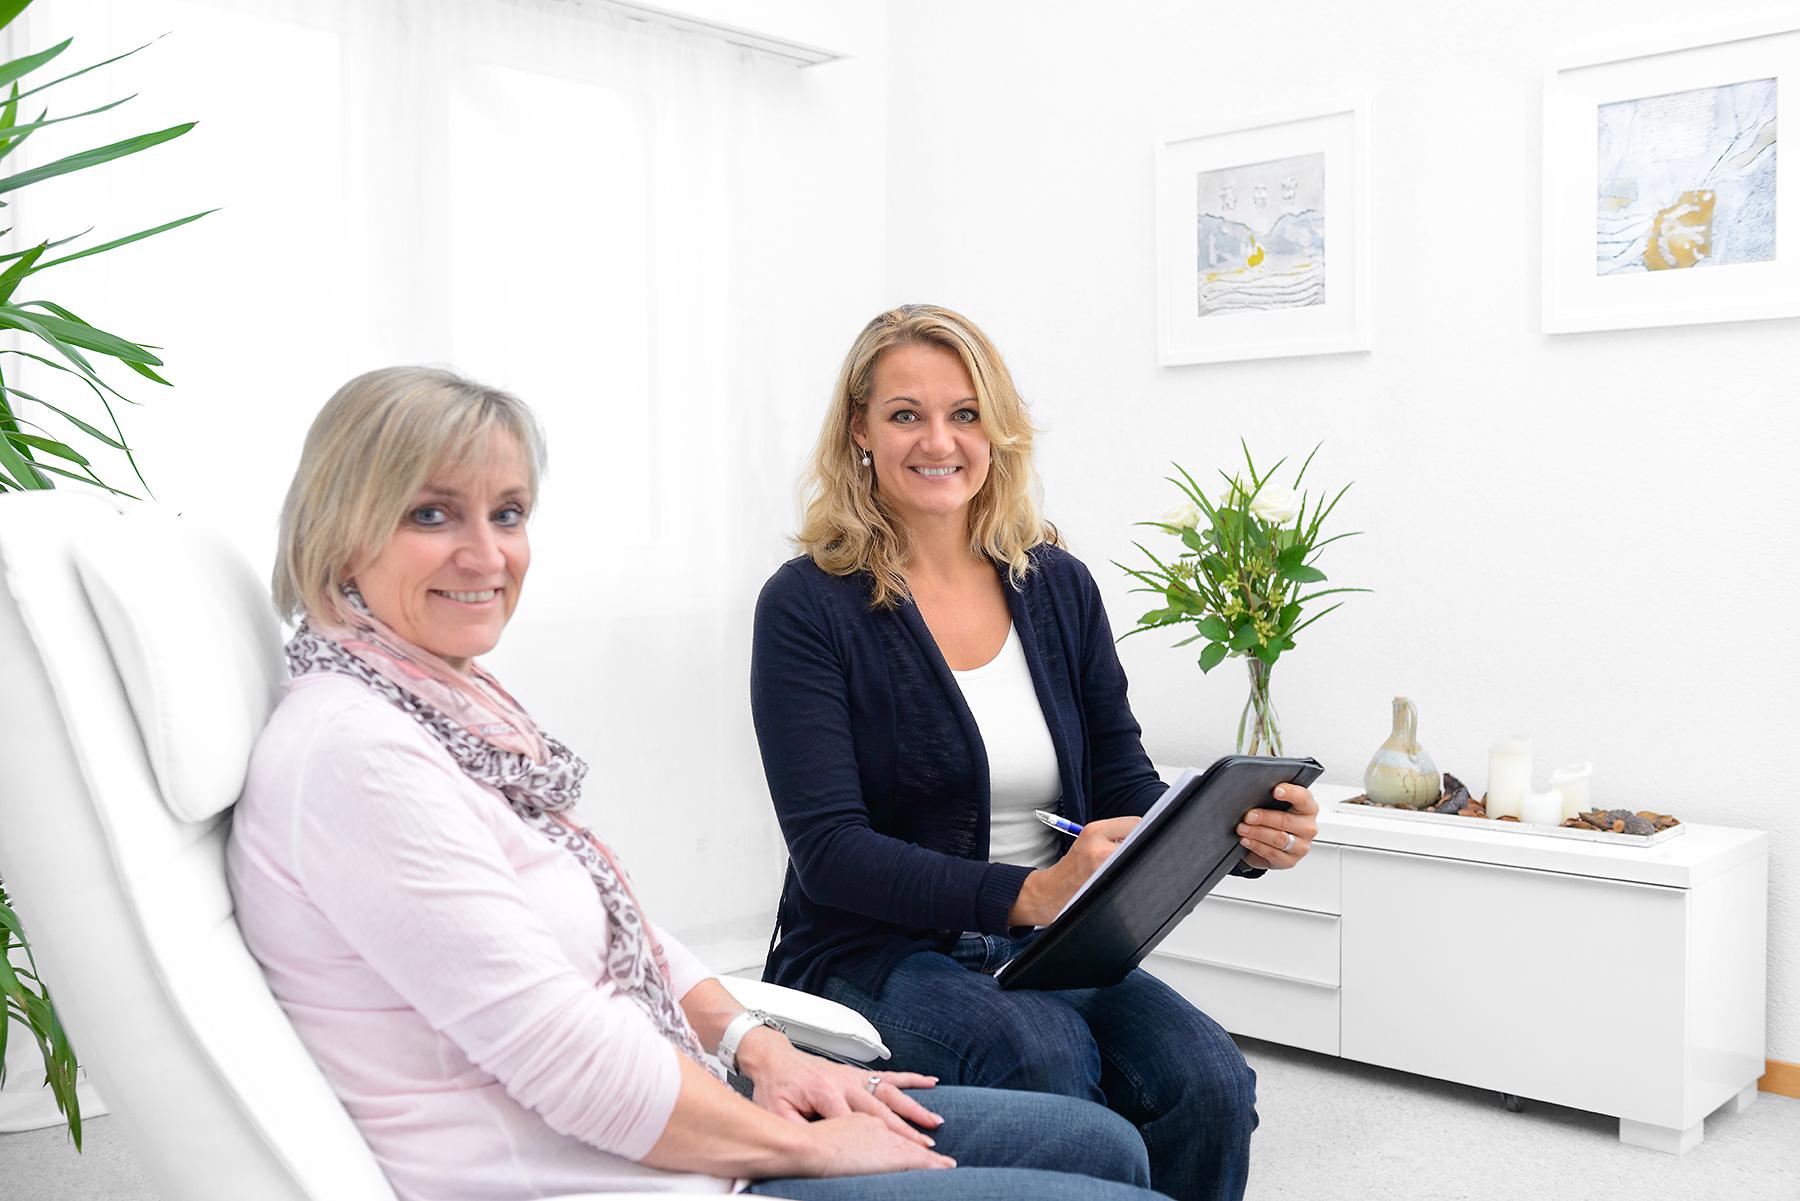 Hypnosetherapeutin Corinne Köppel und eine zufriedene Klientin.